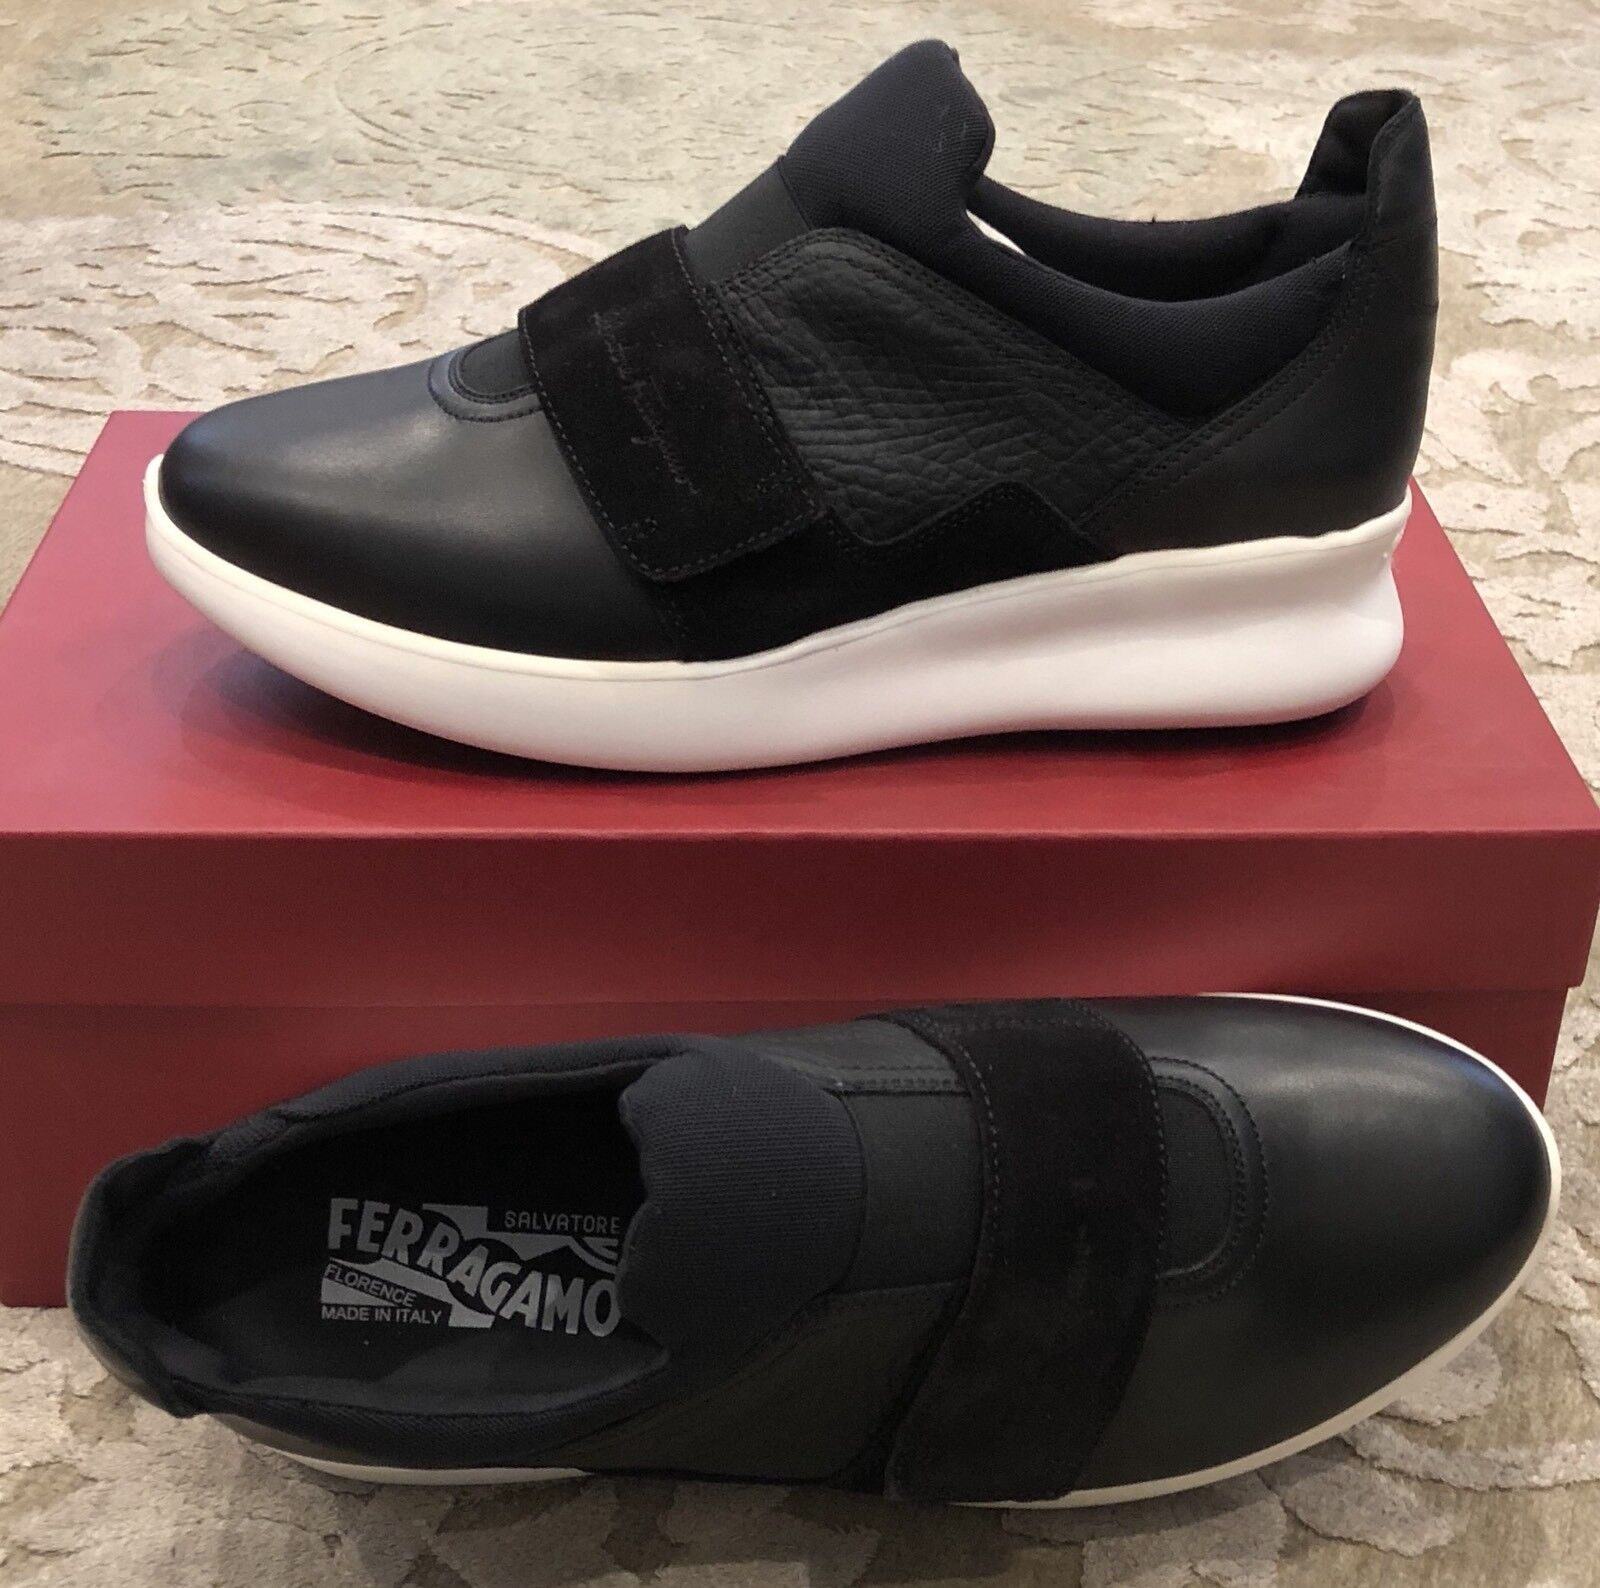 75a22c77305 650 New Salvatore Ferragamo Mens shoes Black Sneakers Size Size Size 6.5 US  5.5 UK 39.5 ...